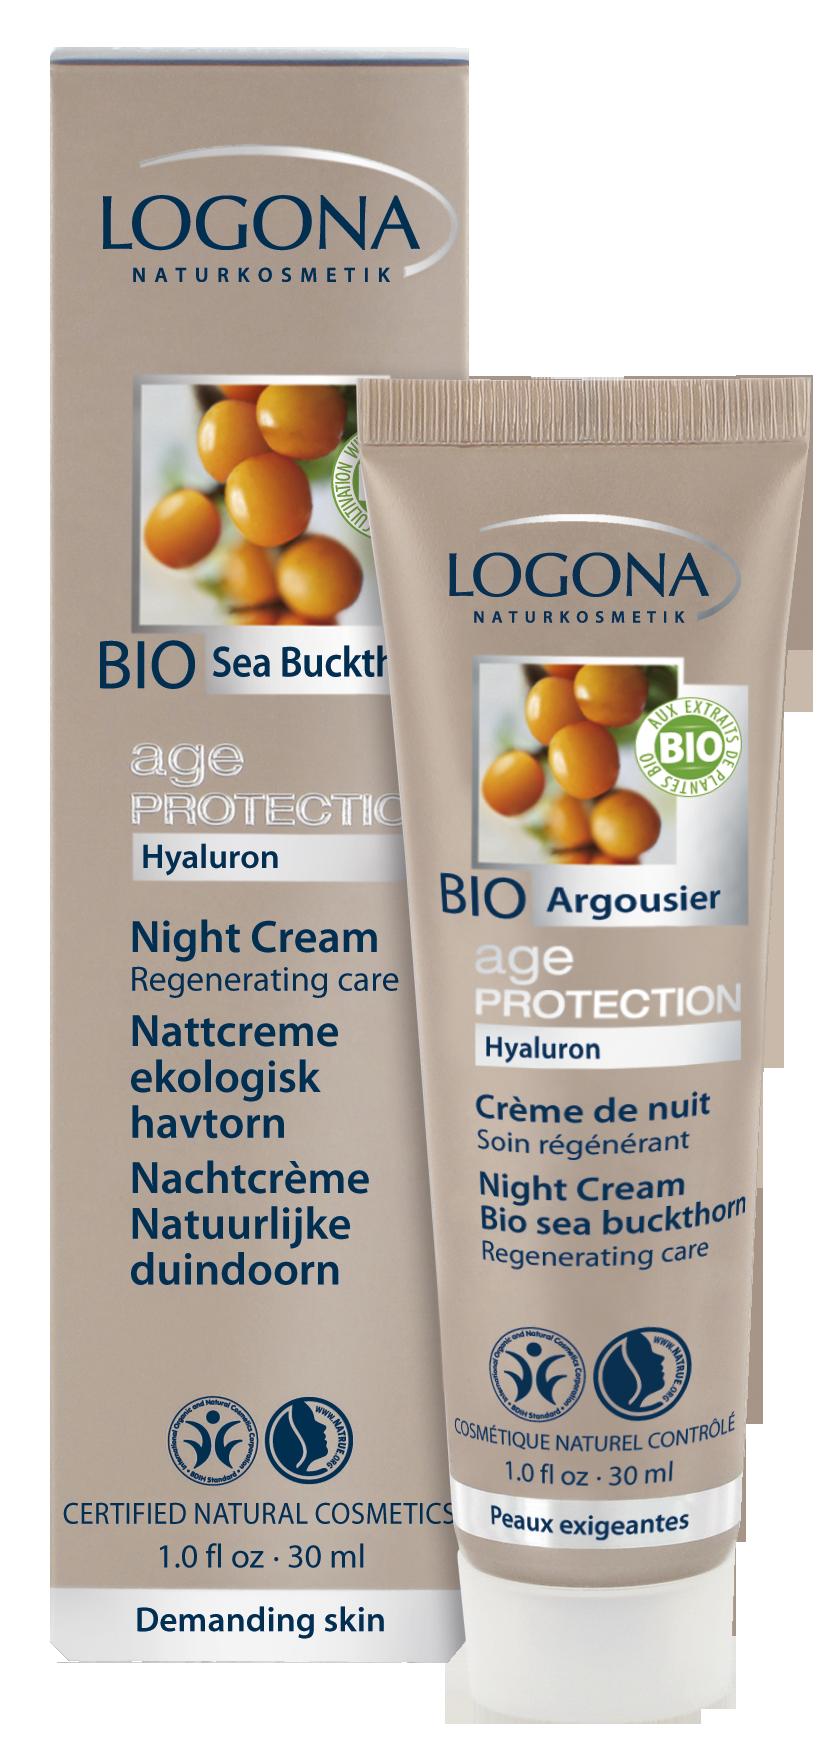 LOGONA Age Protection Крем ночной регенерирующий против морщин с Био-Облепихой